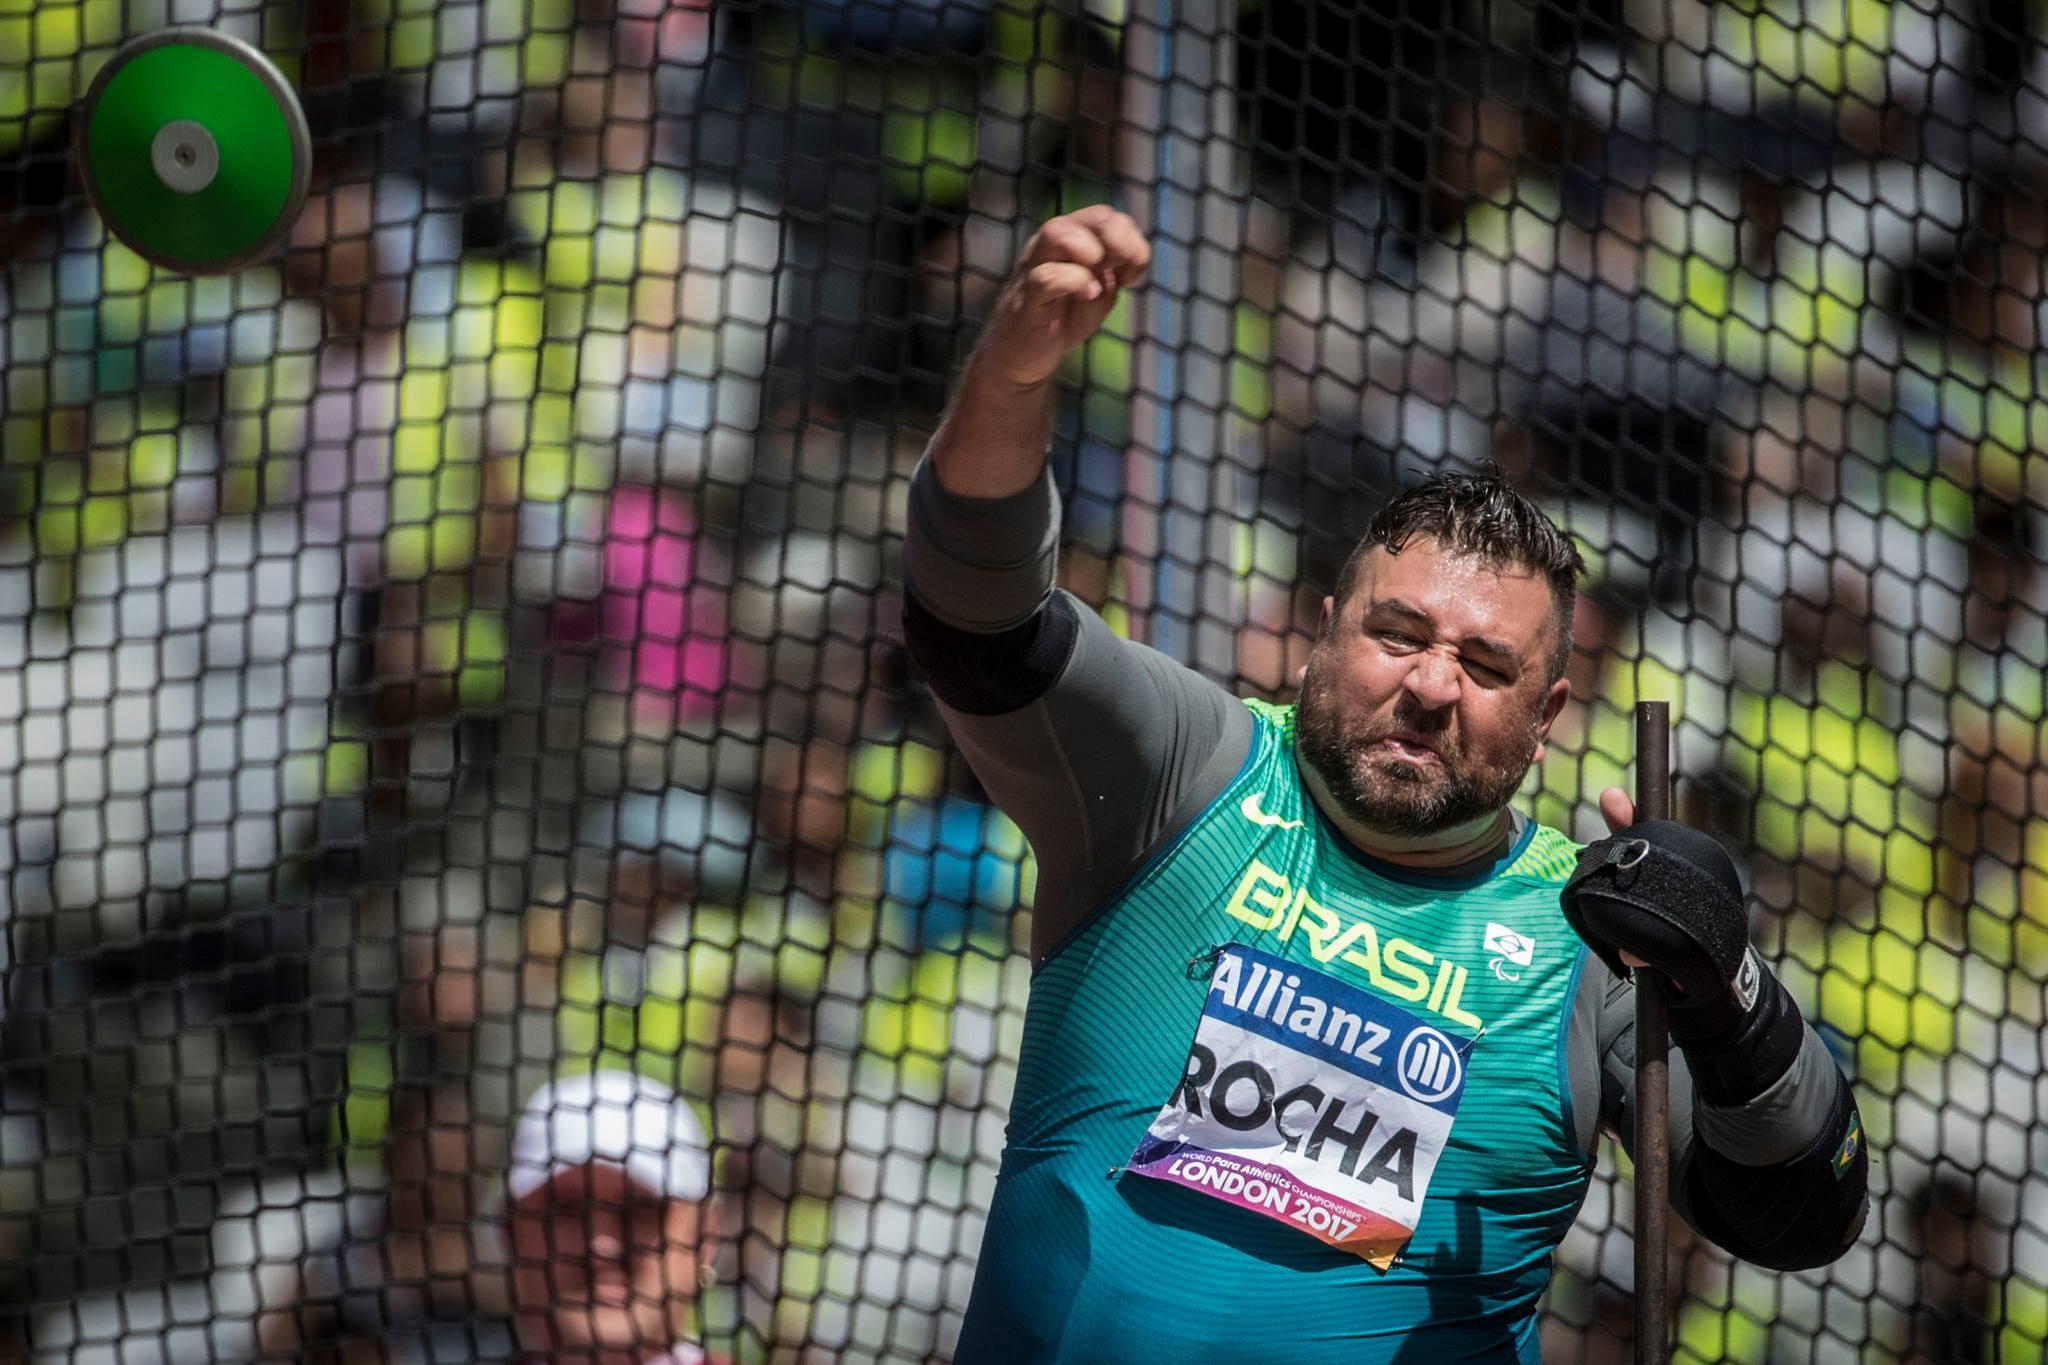 André Rocha é campeão mundial de Paratletismo em Londres